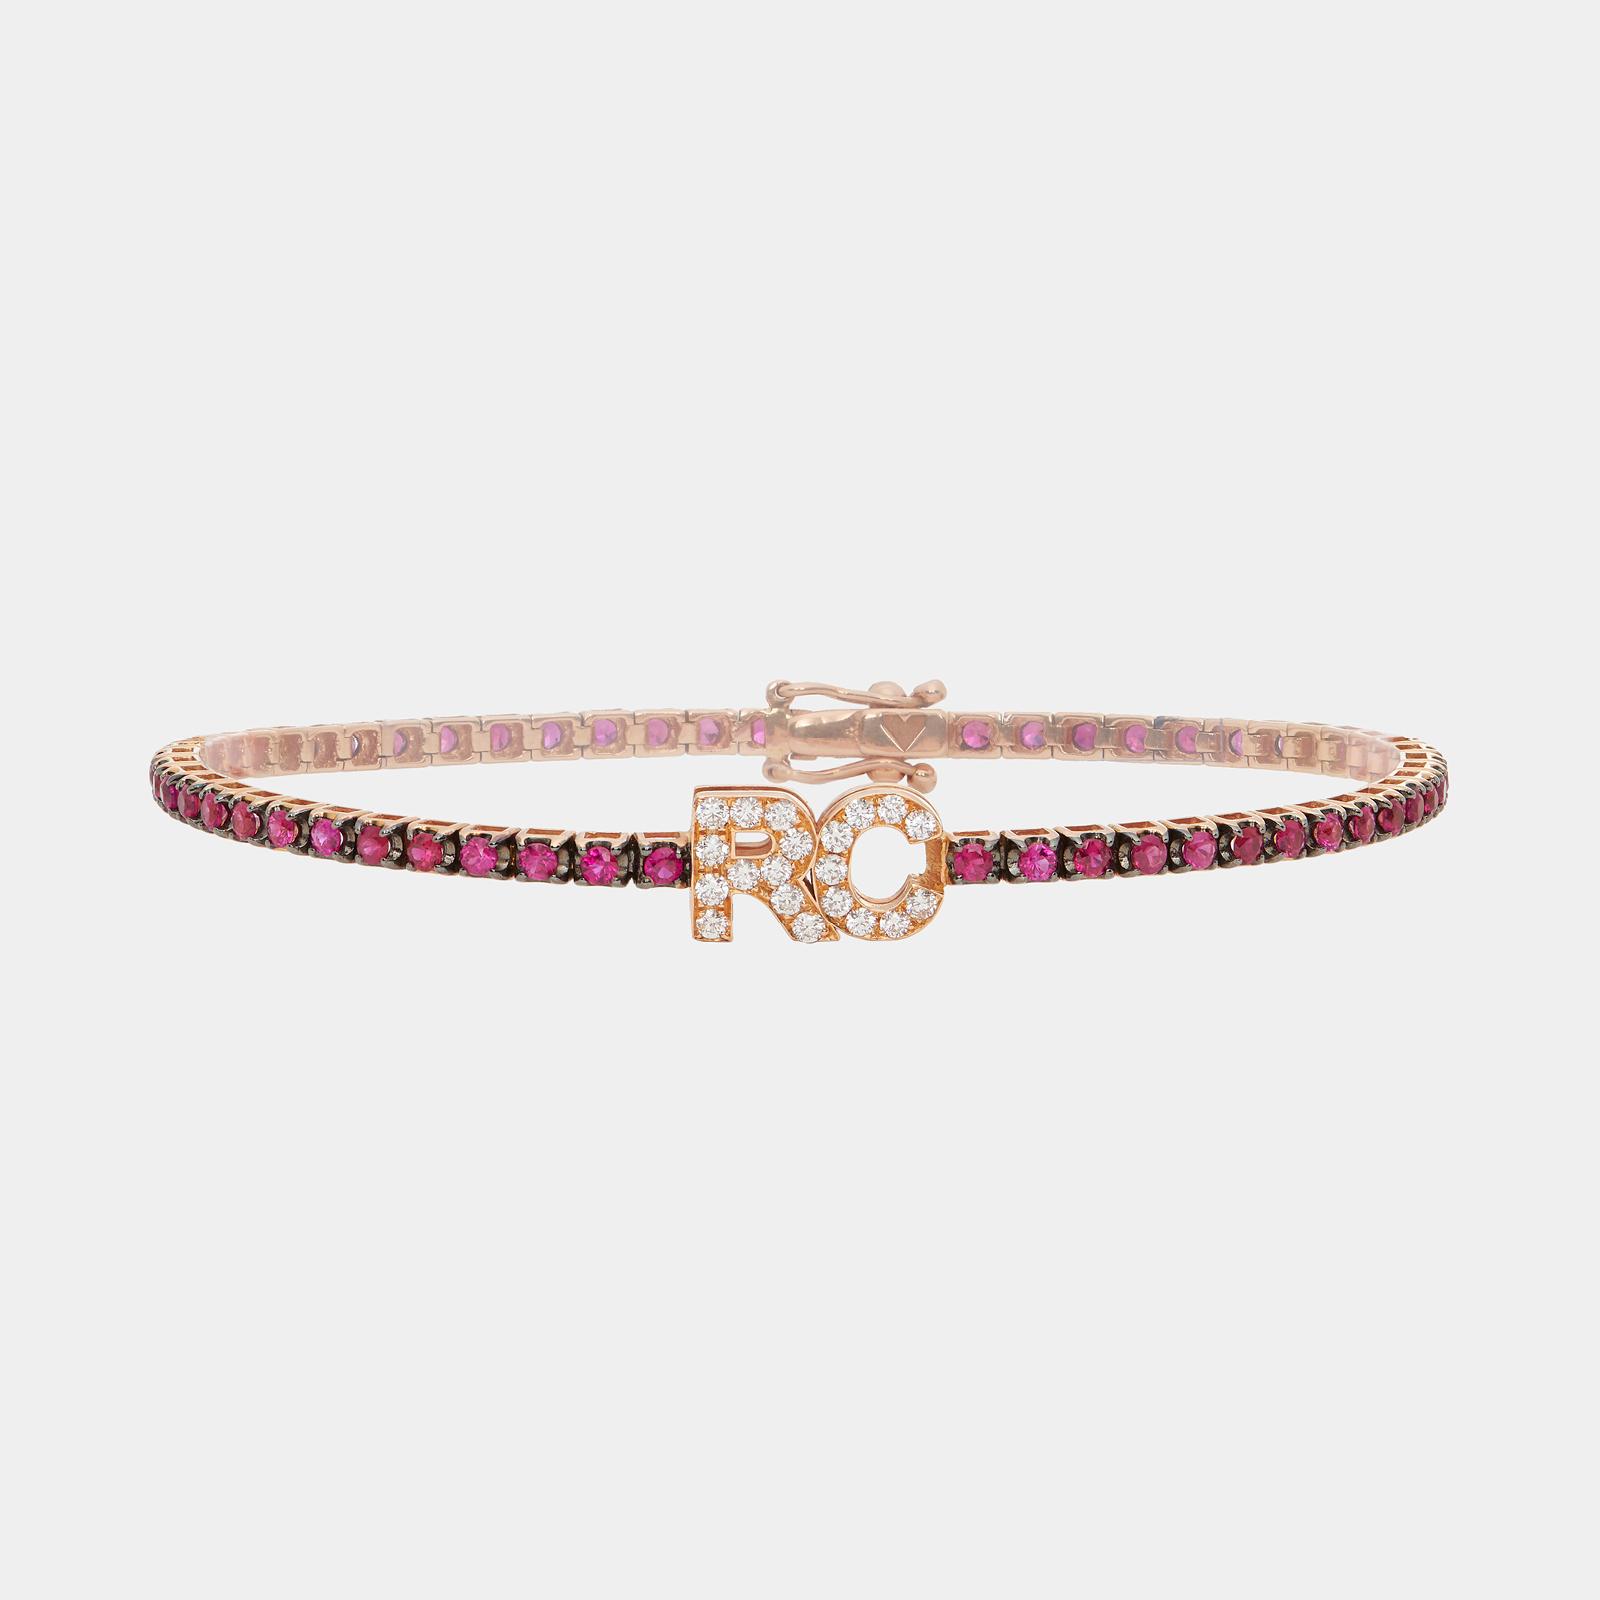 Bracciale tennis personalizzato in oro rosa e rubini con lettere in diamanti Rosanna Cattolico gioielli